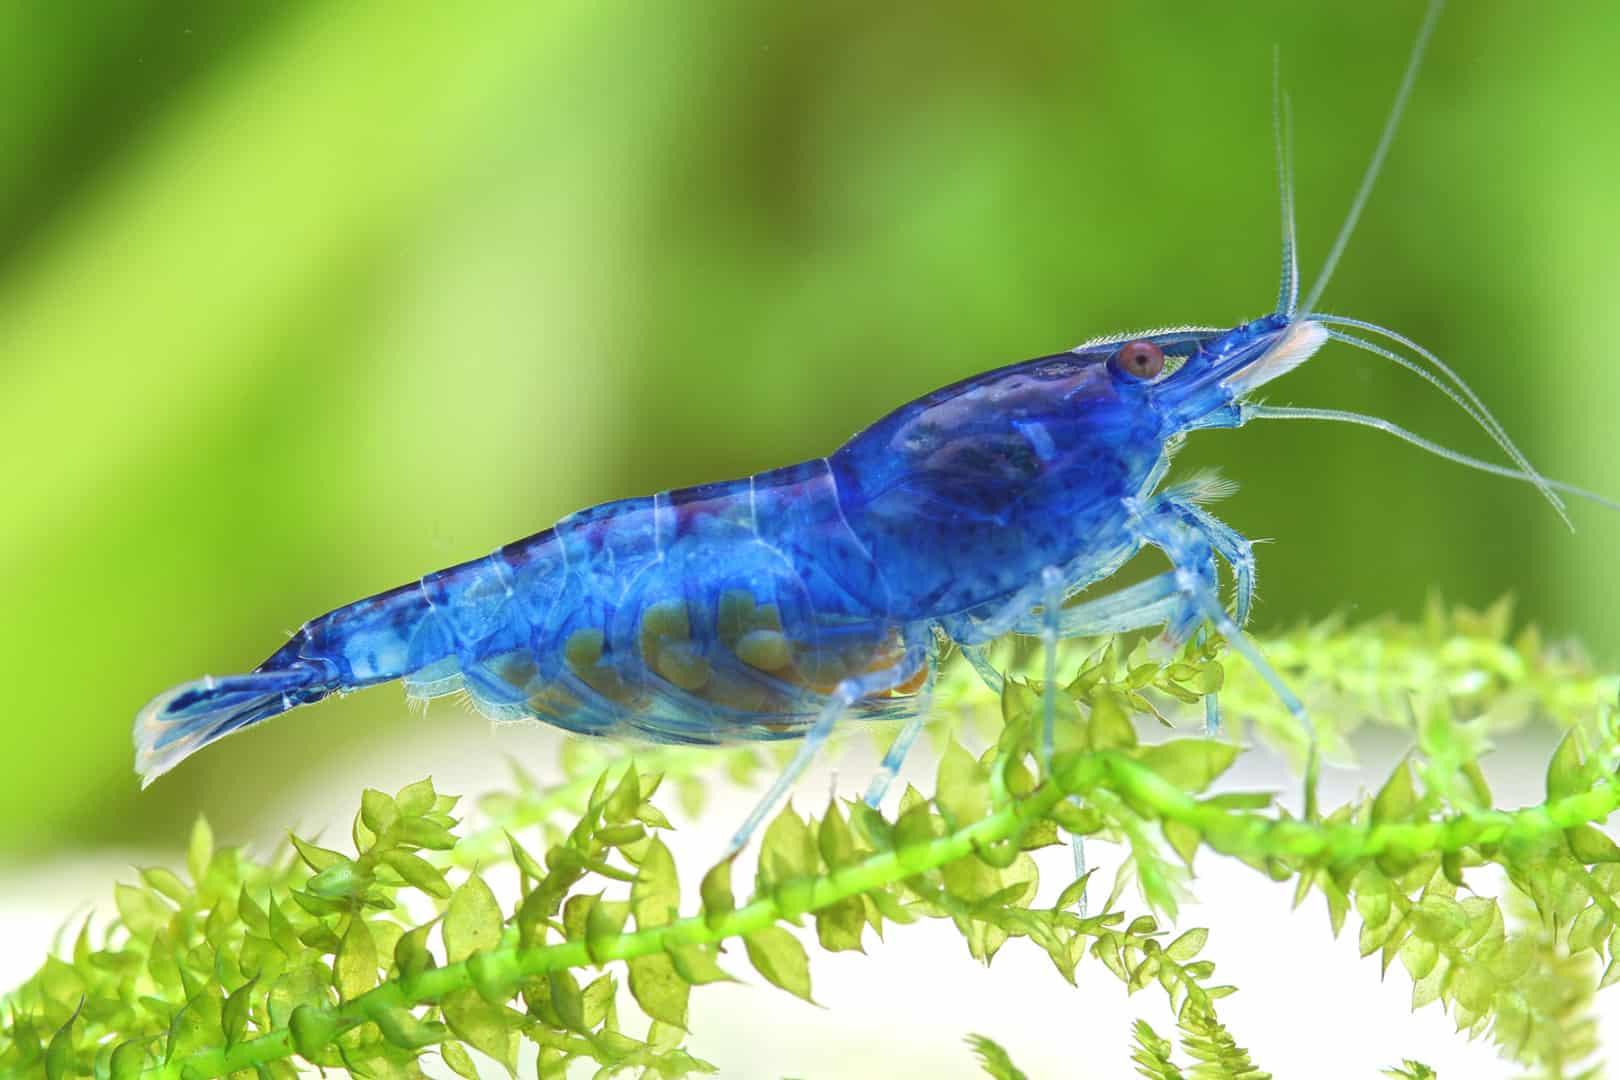 275: Trends in der Wirbellosen-Szene - Was gibt es Neues bei Garnelen, Krebsen und Schnecken? (Farschad Farhadi) 8